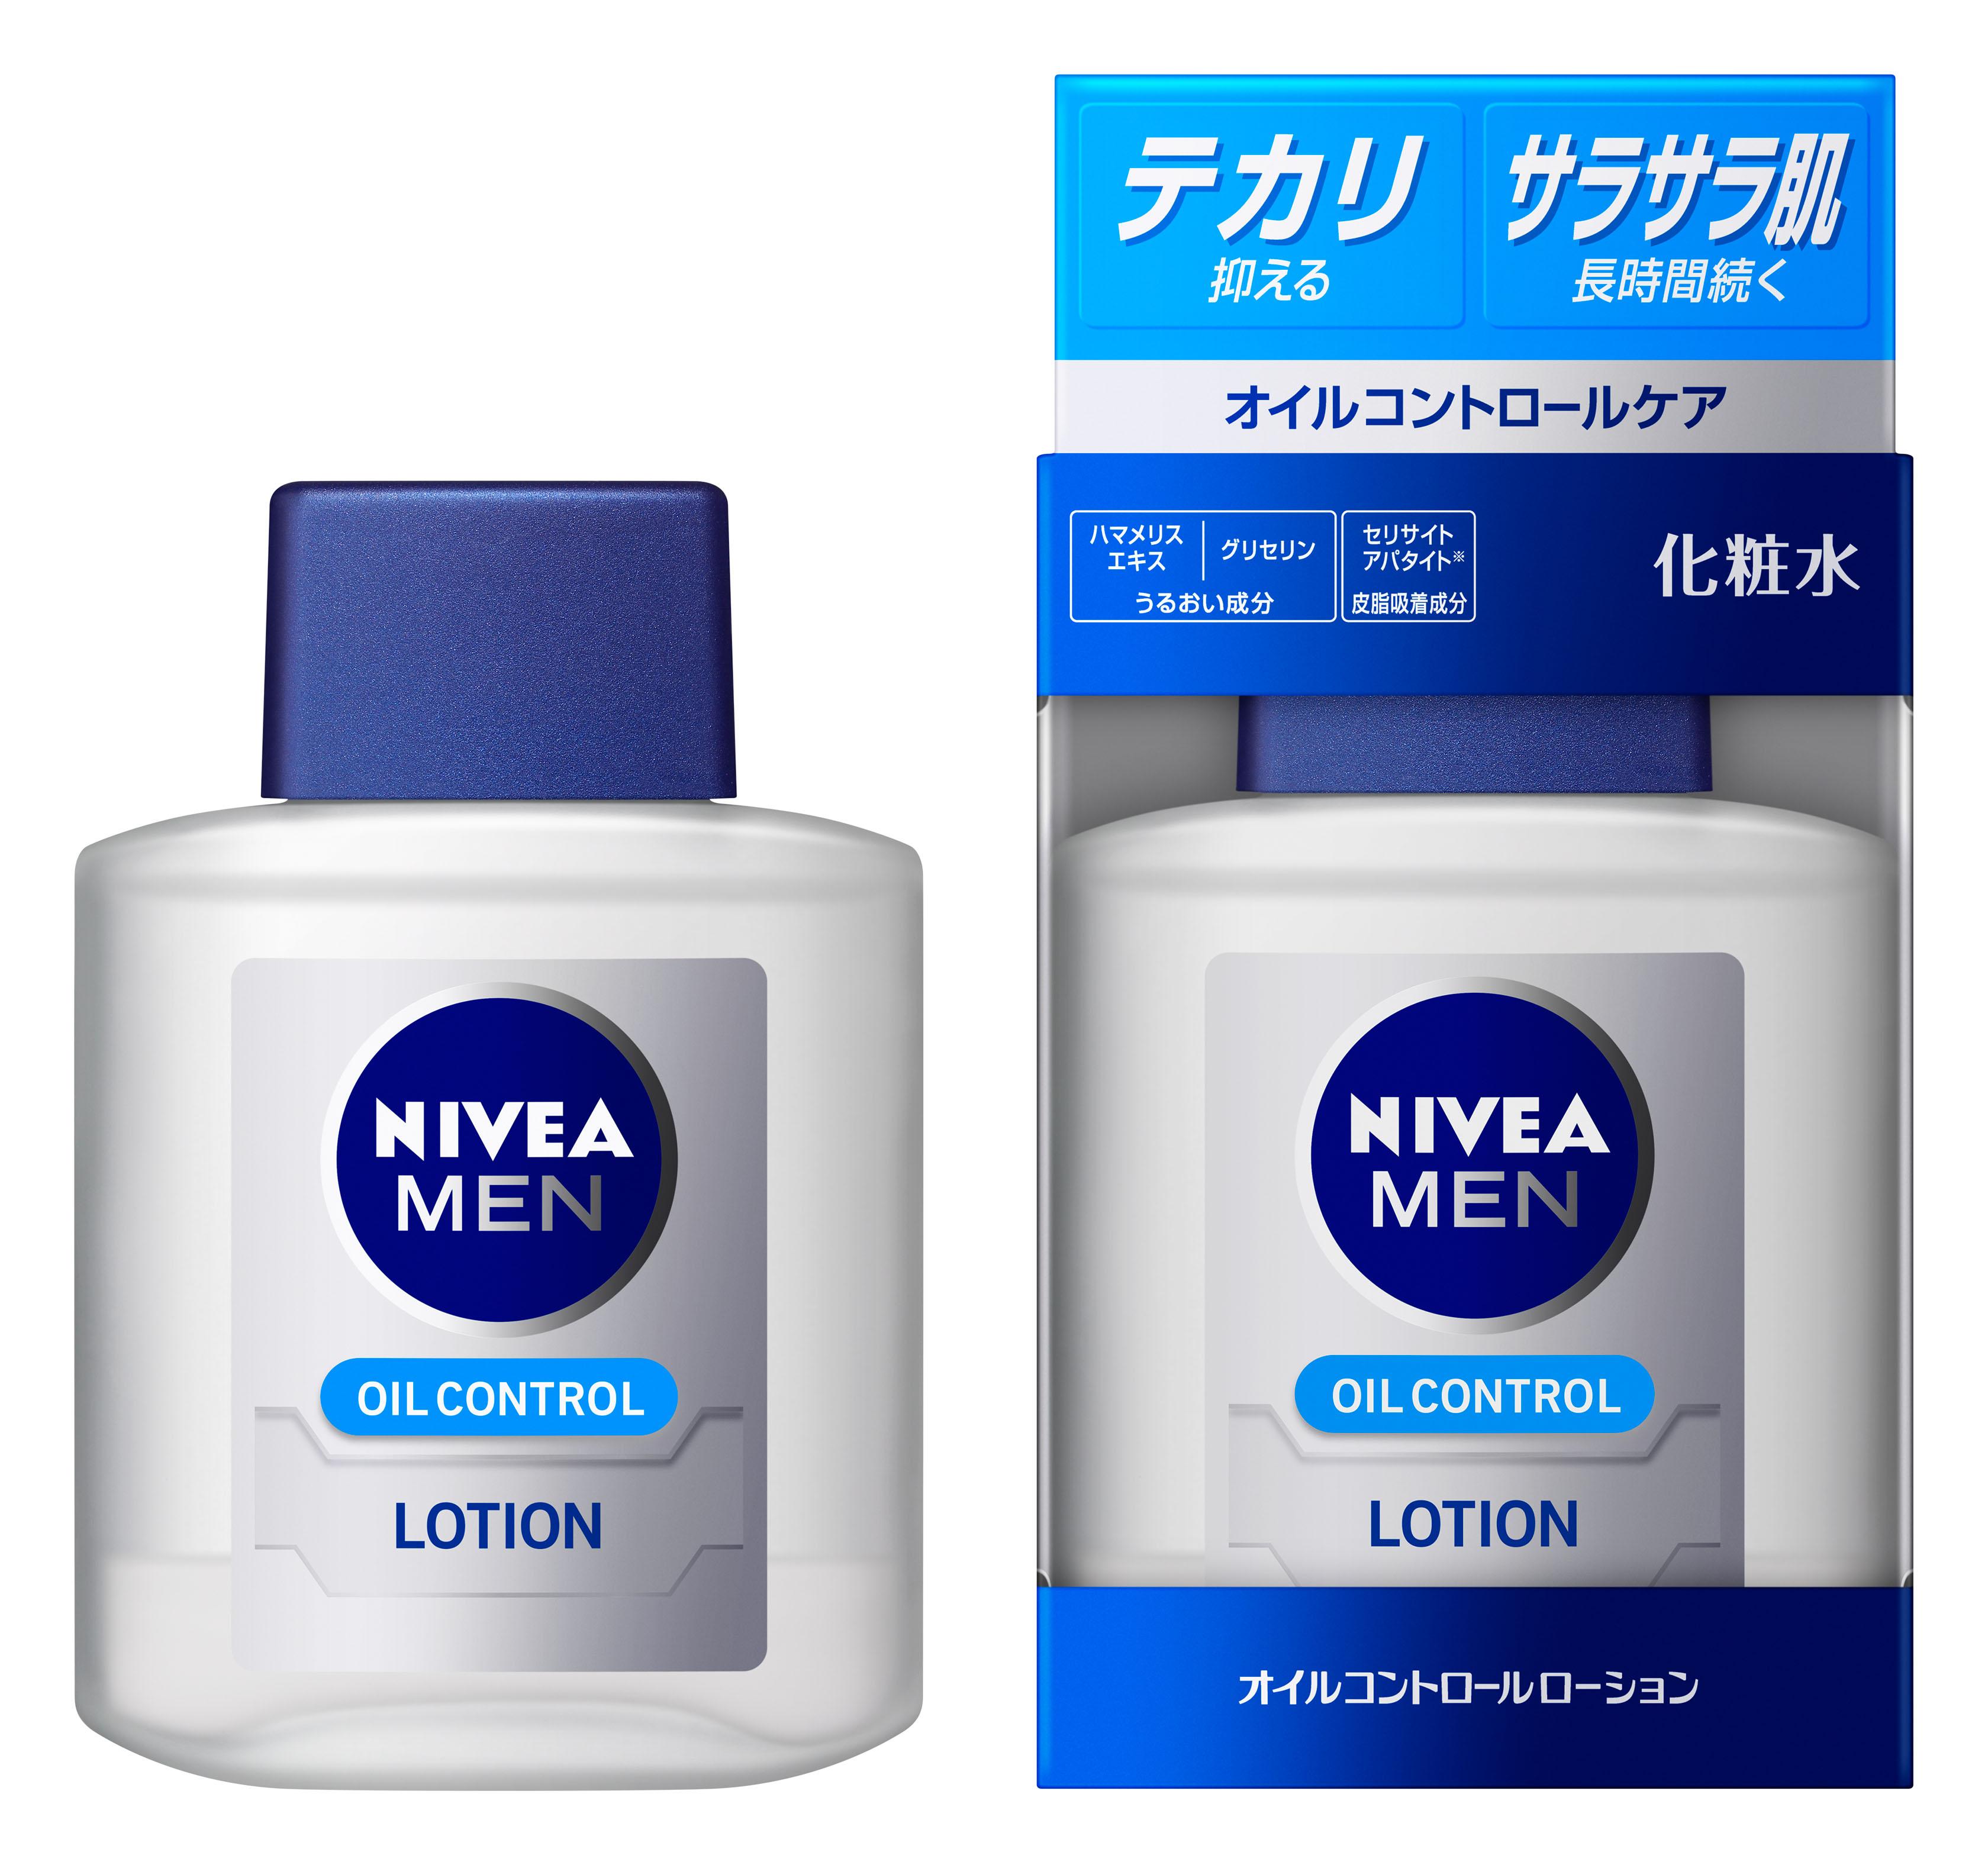 化粧 メンズ 水 テカリ